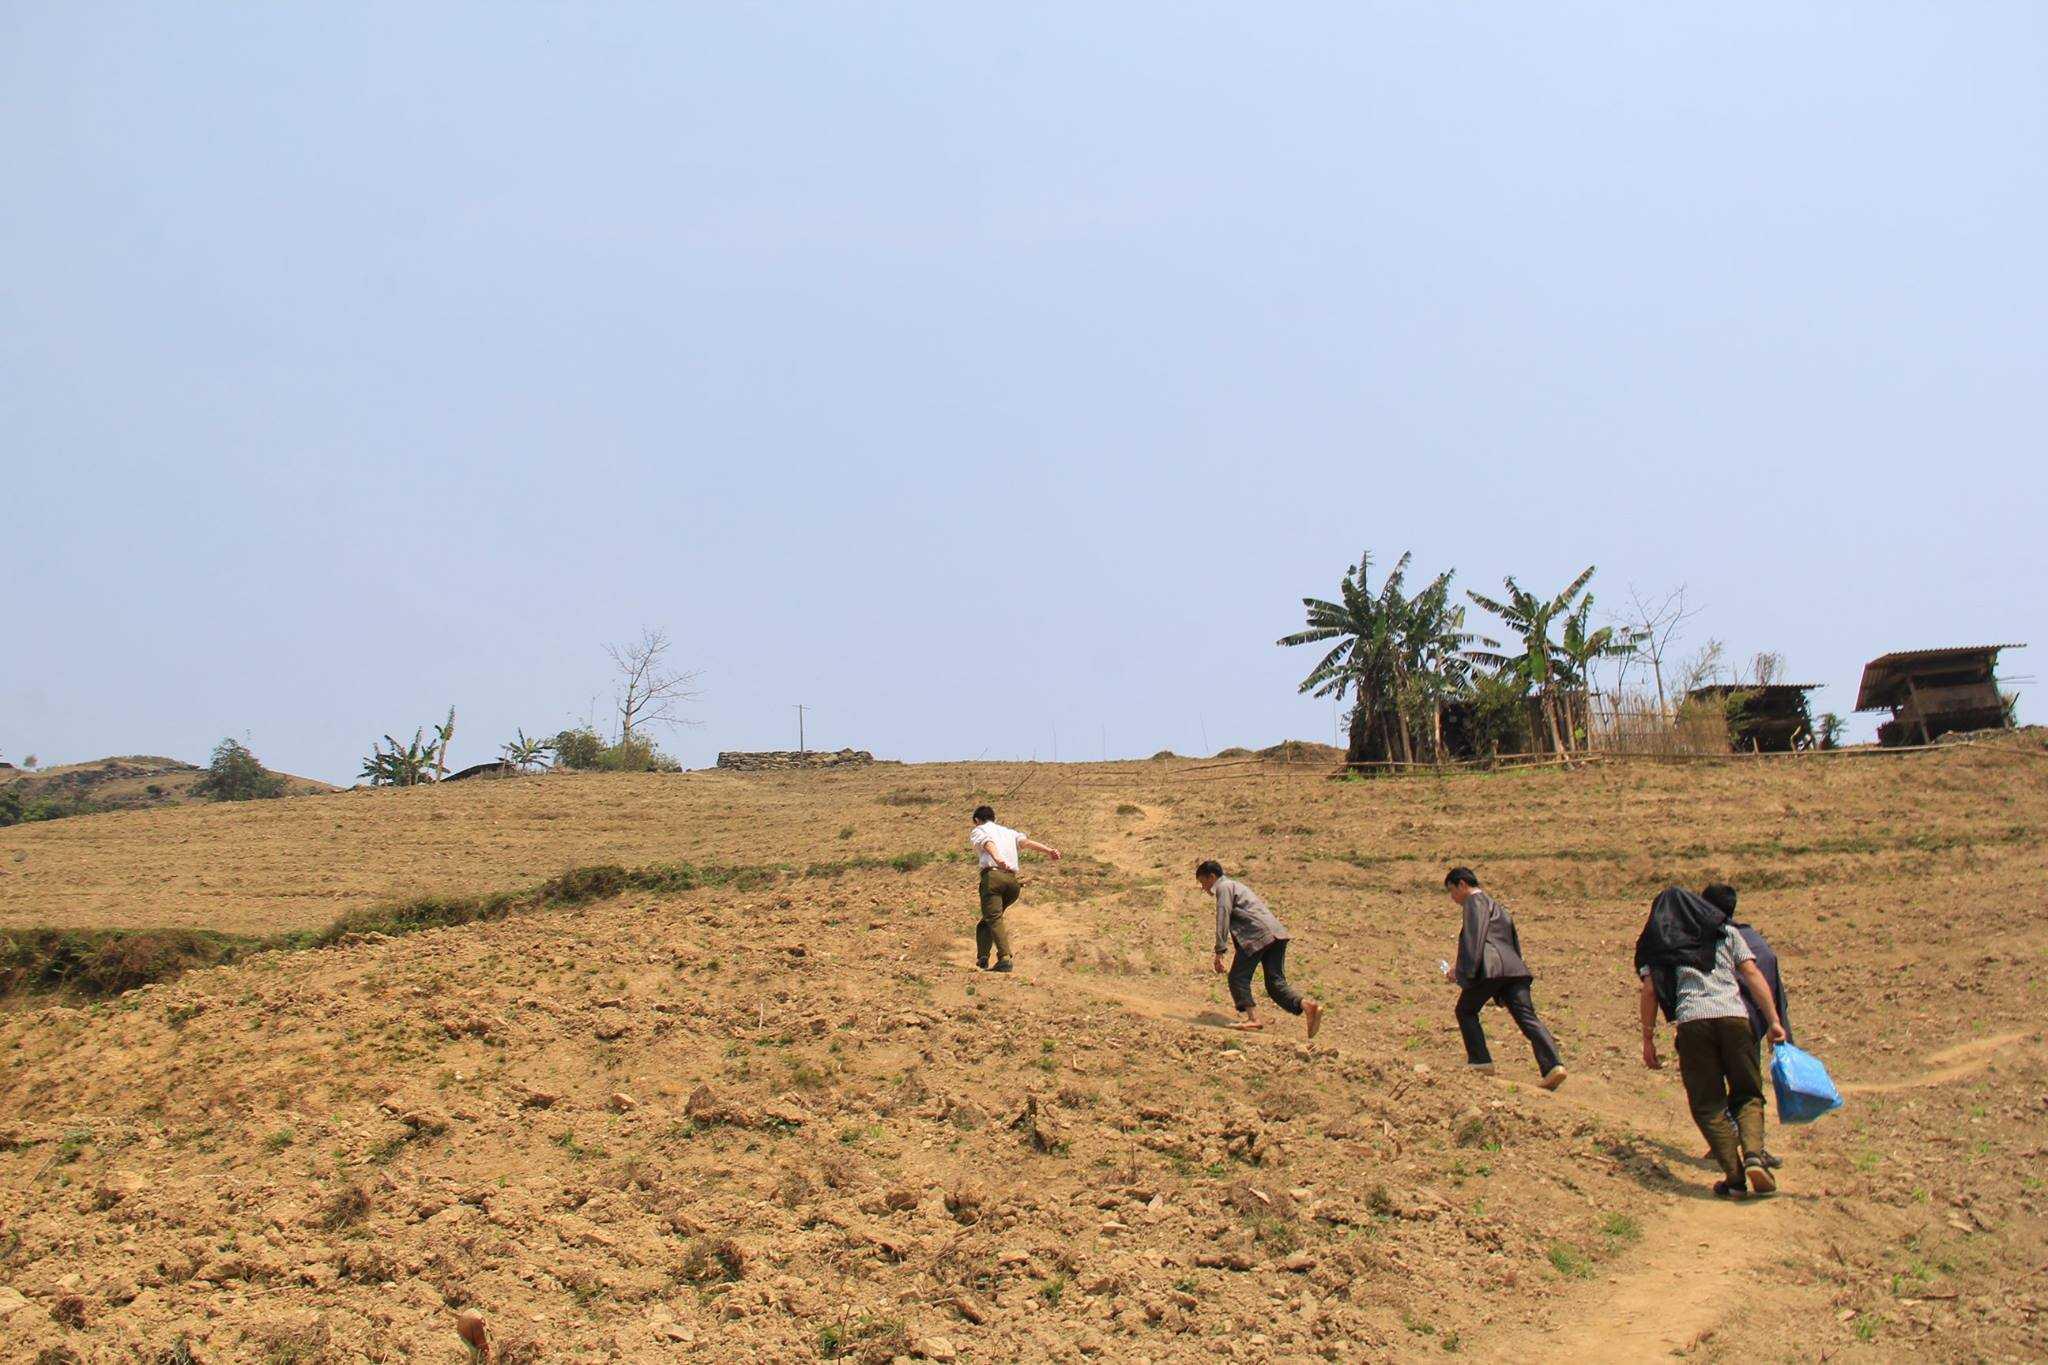 Để leo lên con dốc dựng đứng như vậy, người lớn cũng phải dừng lại nghỉ 2-3 lần.